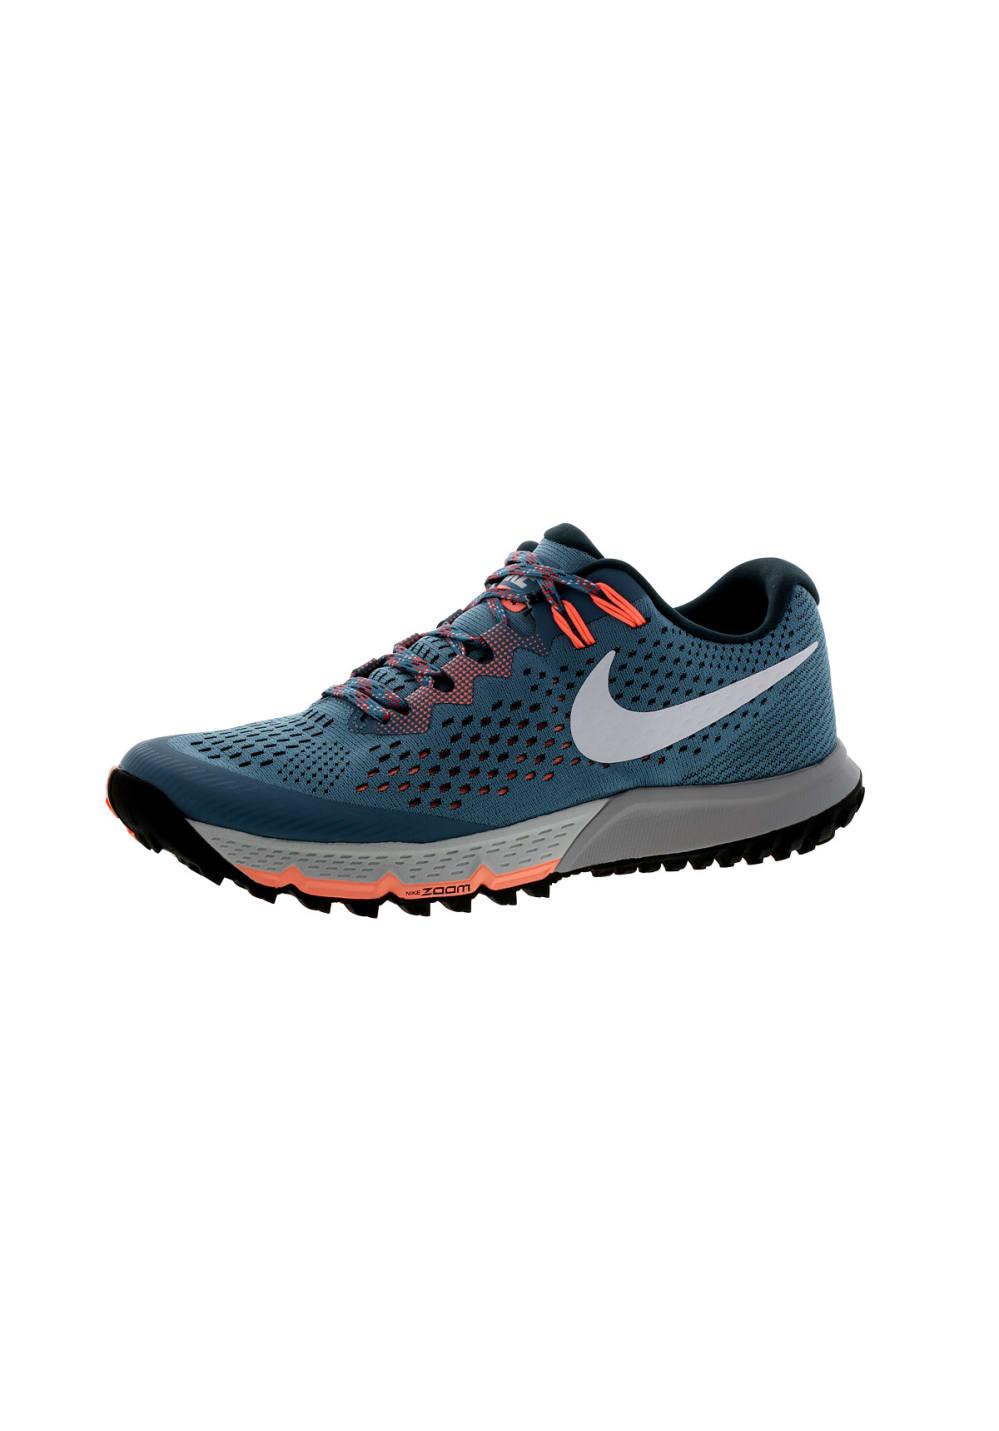 hot sale online a559c 8c7ca Next. -50%. Ce produit est actuellement épuisé. Nike. Air Zoom Terra Kiger  4 - Chaussures running pour Femme